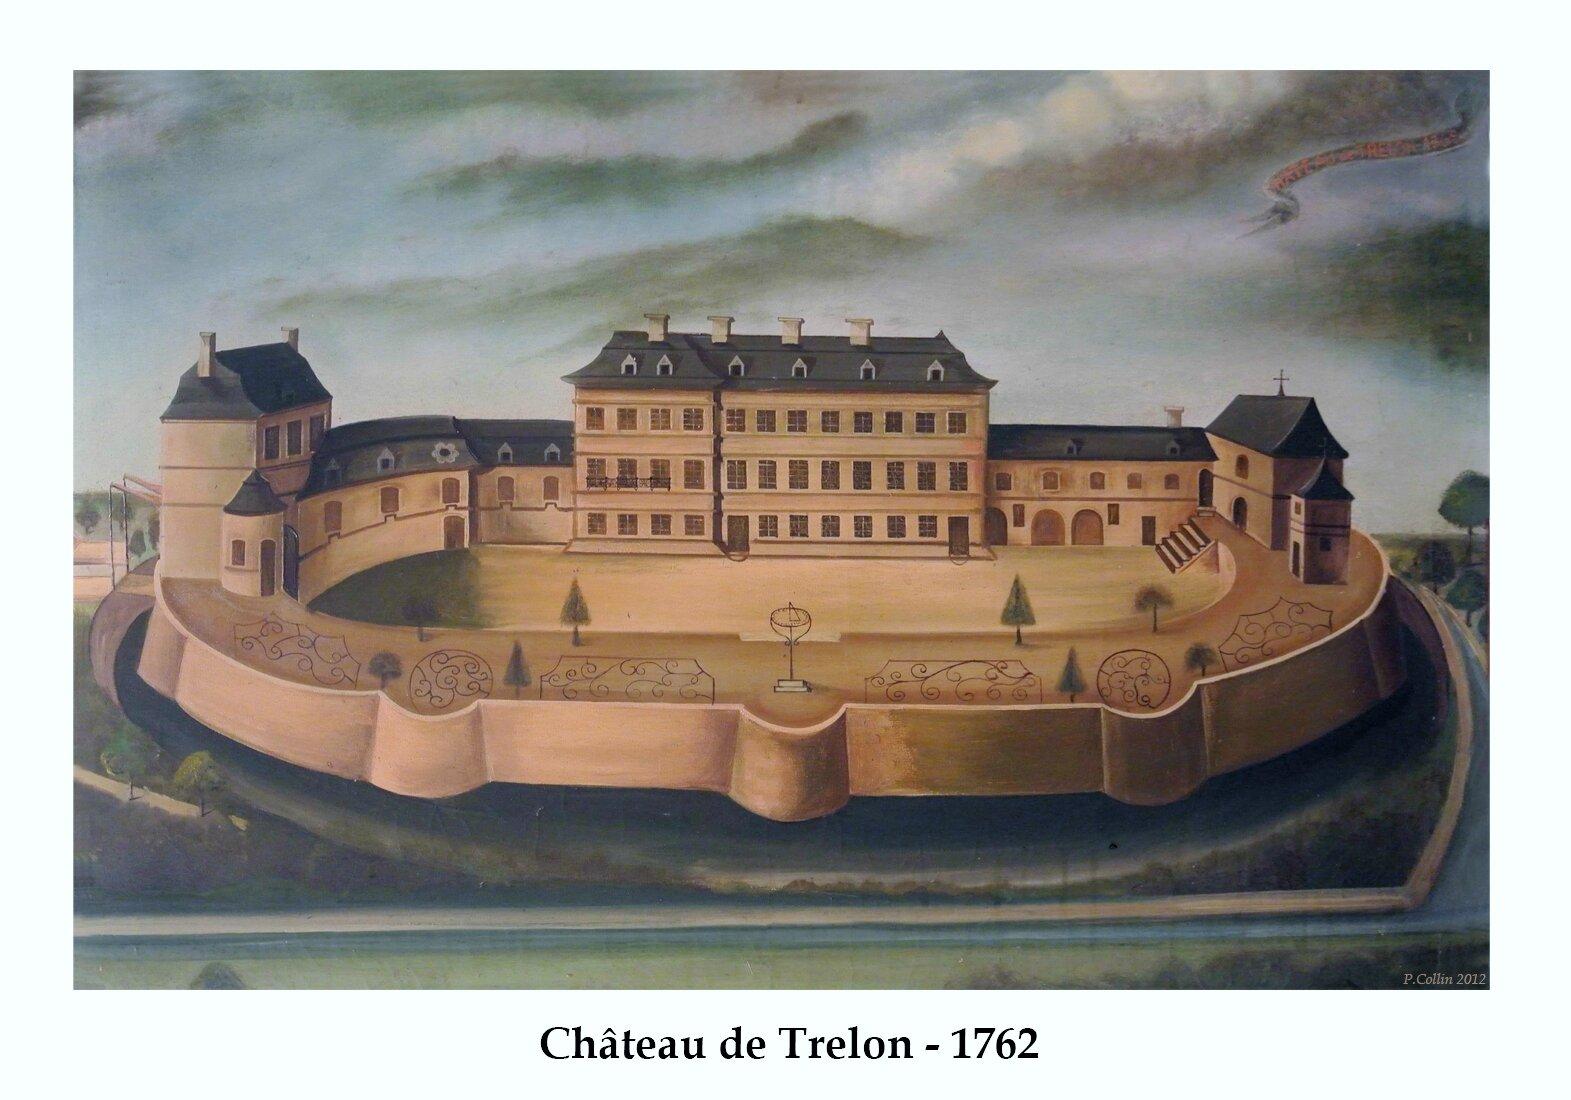 TRELON-Cha^teau 1762